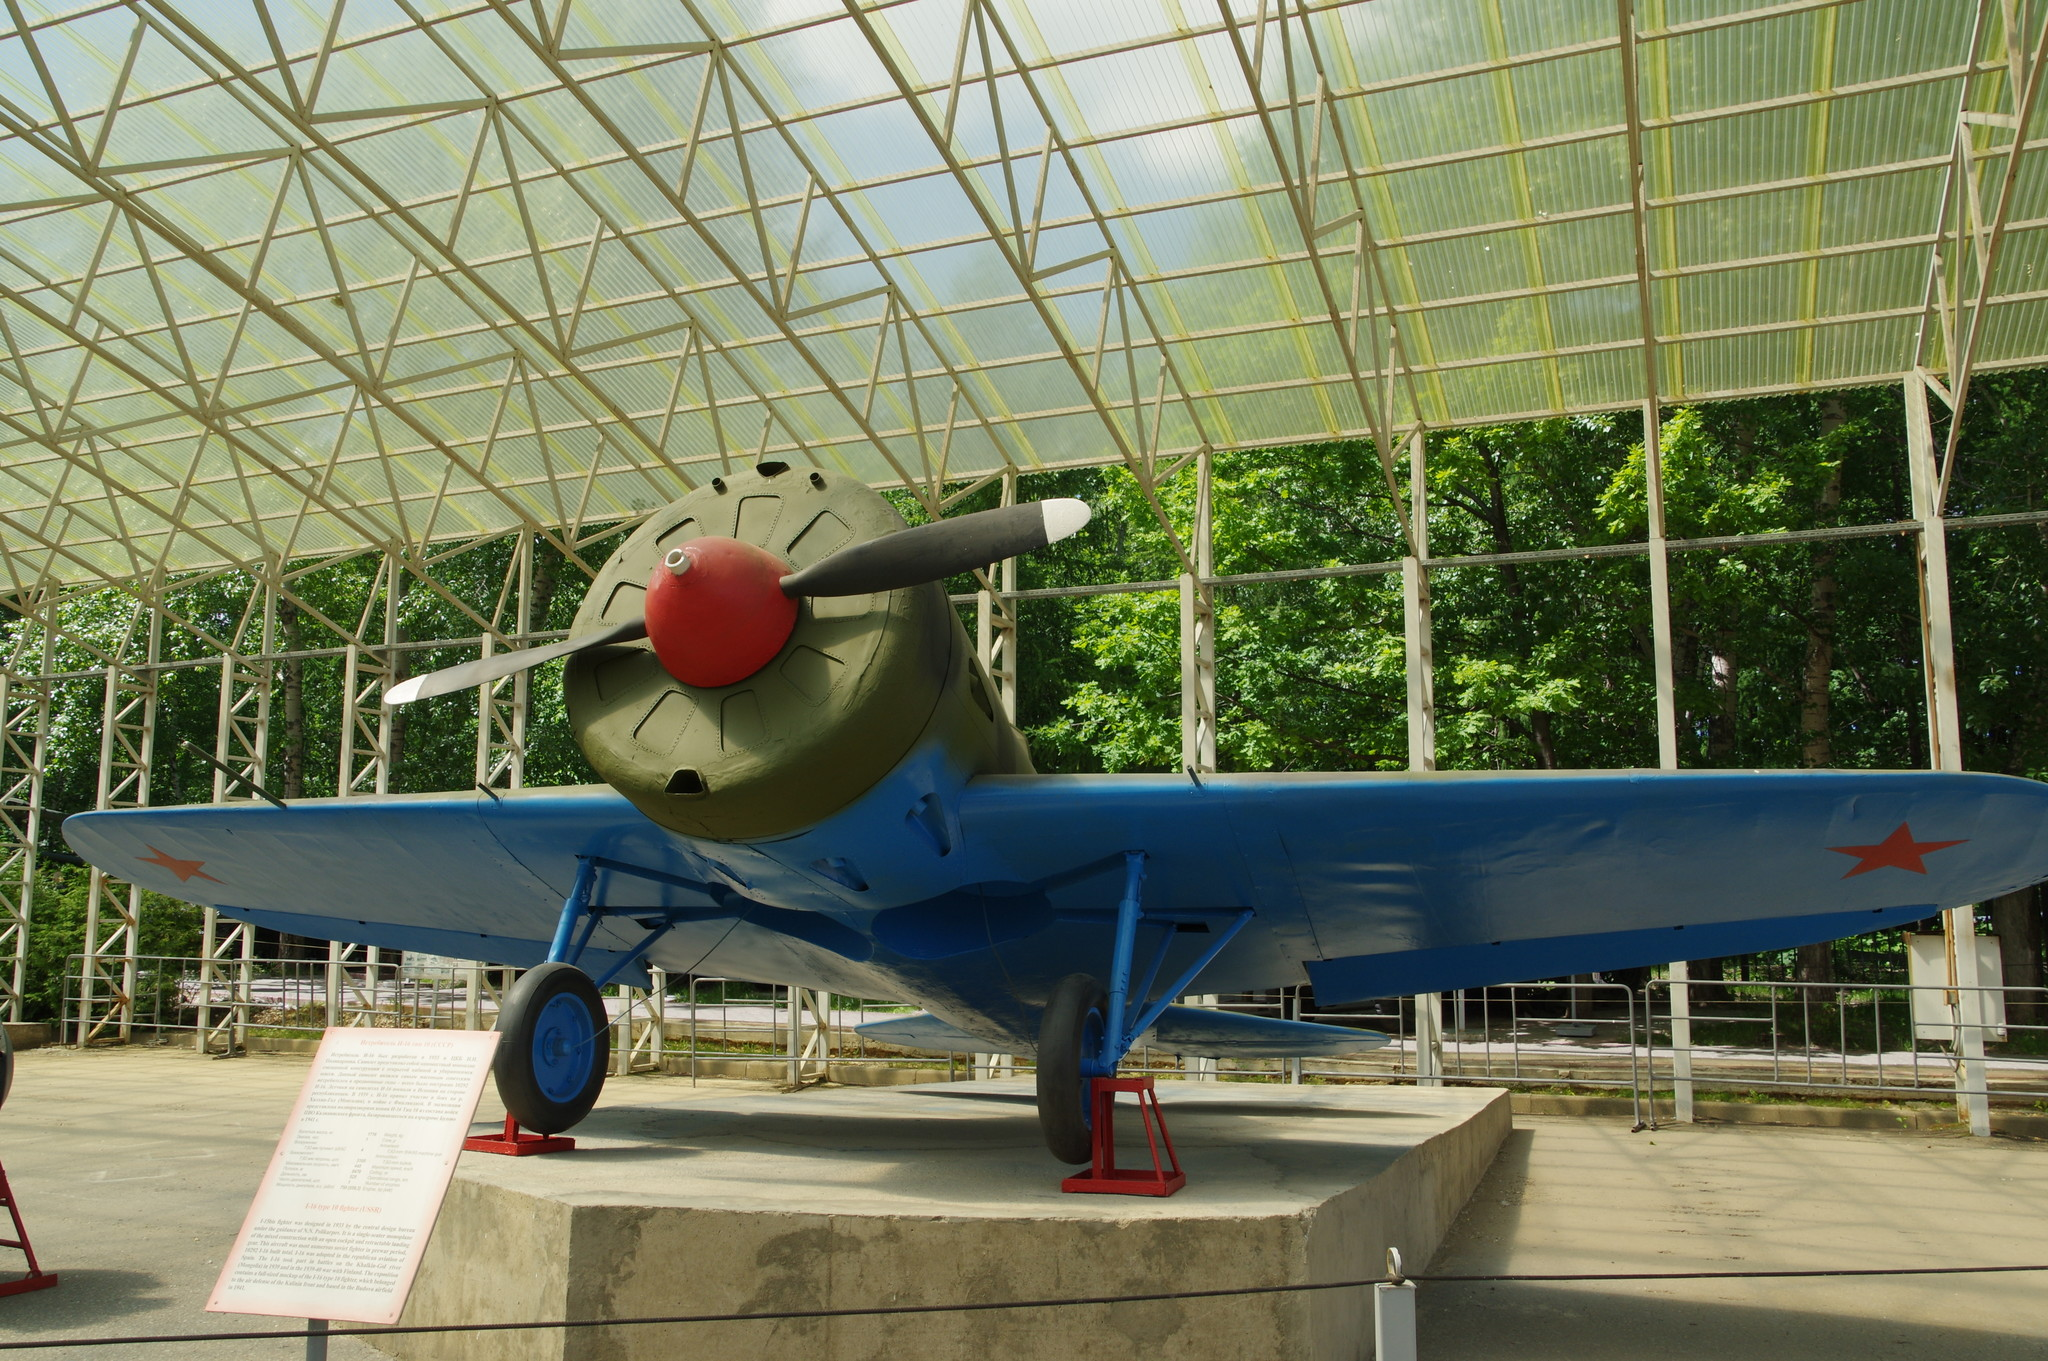 Истребитель И-16 тип 10 в музее на Поклонной горе